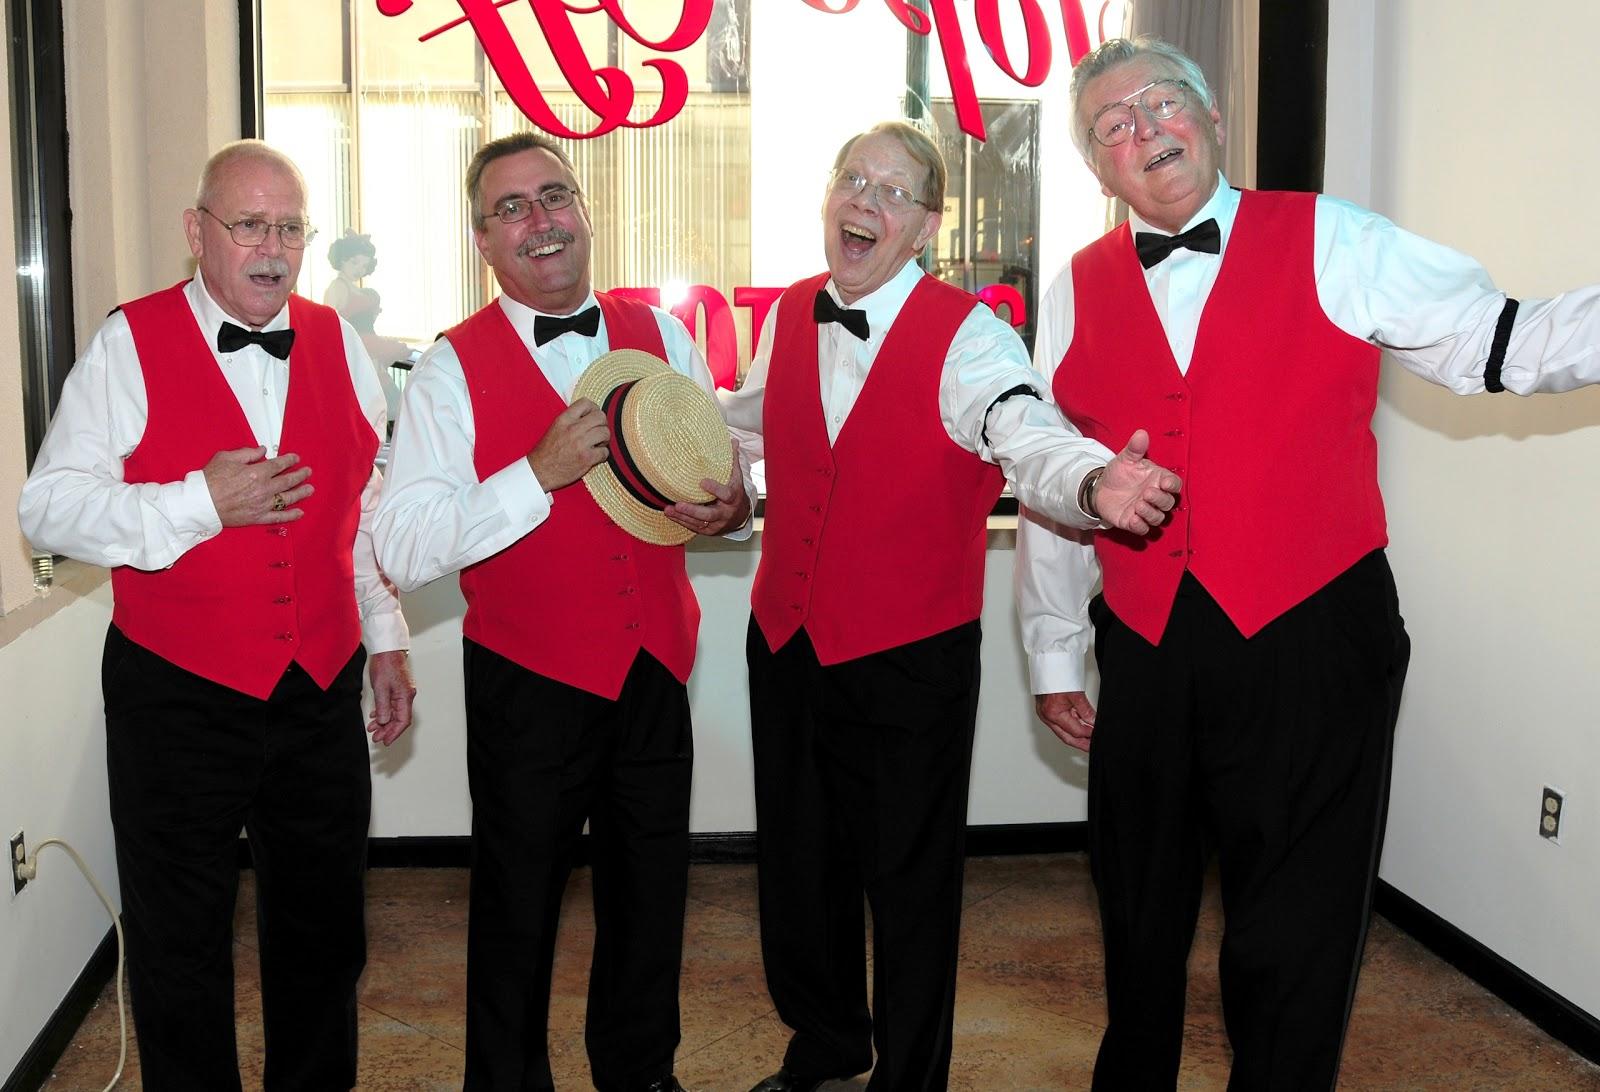 Barber Quartet